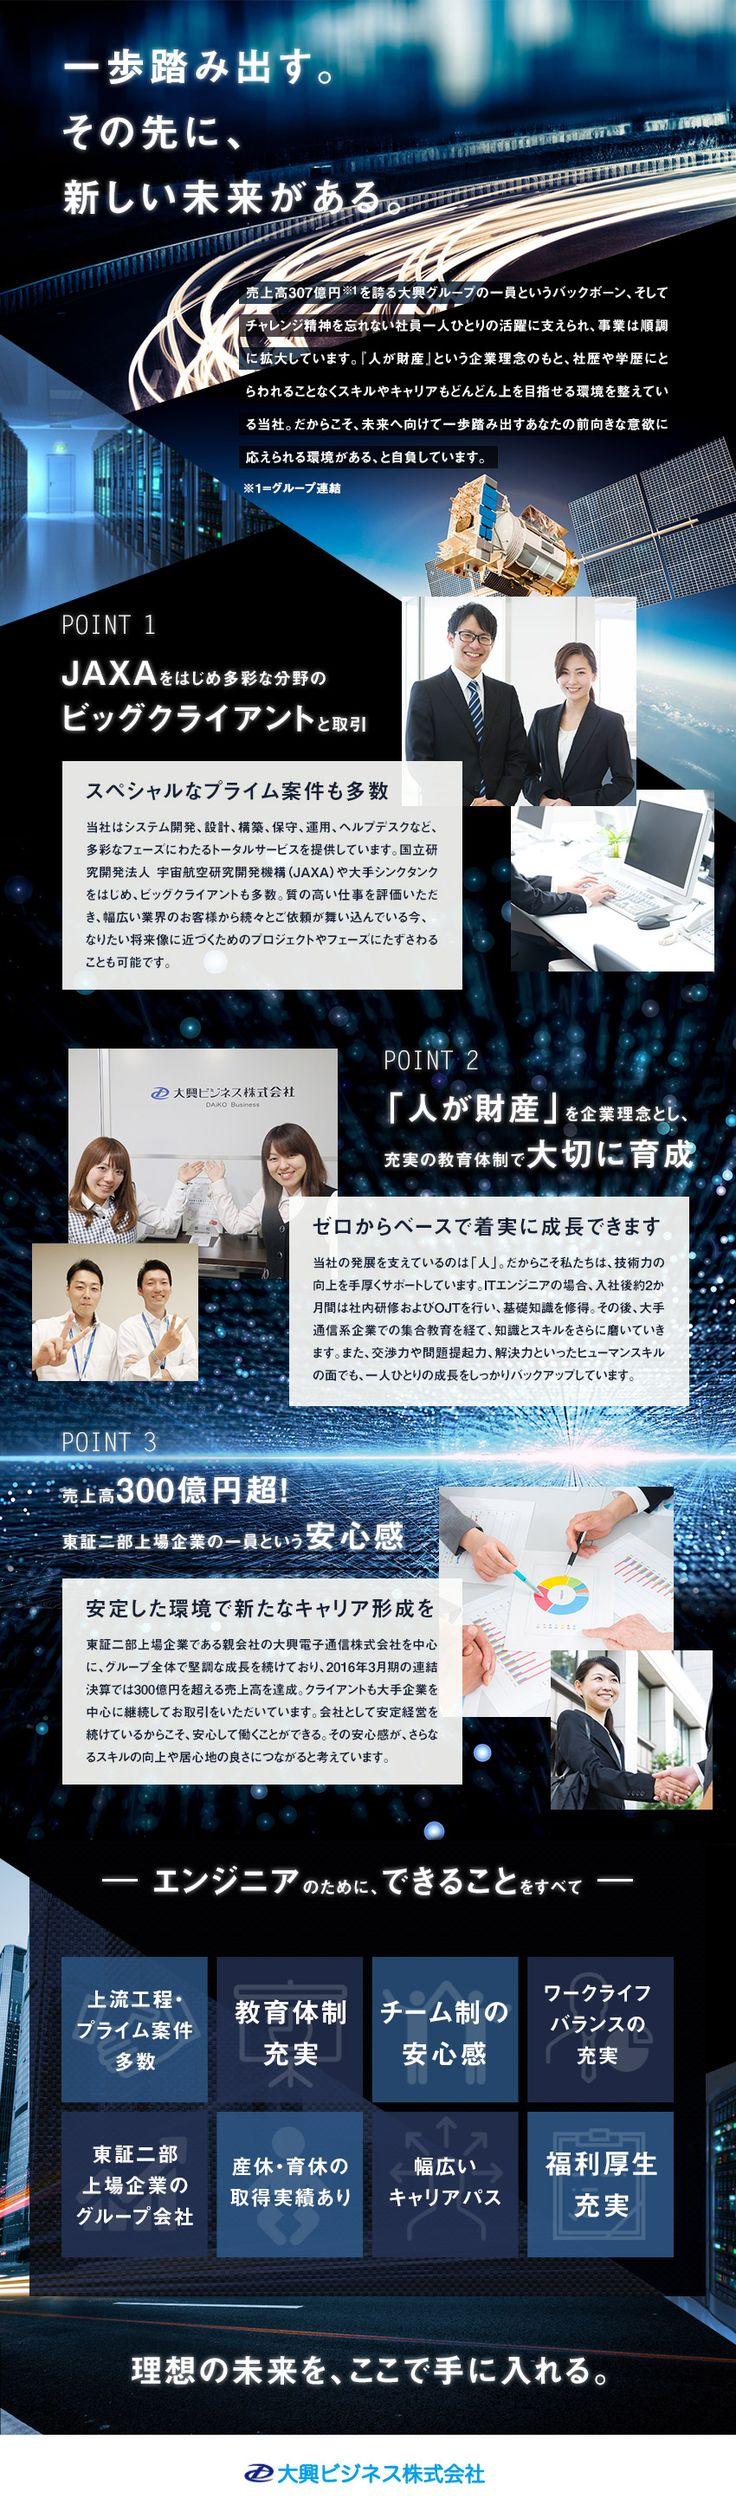 大興ビジネス株式会社/総合職(ITエンジニア・ユーザーサポート)/東証二部上場グループ企業/未経験・第二新卒歓迎の求人PR - 転職ならDODA(デューダ)